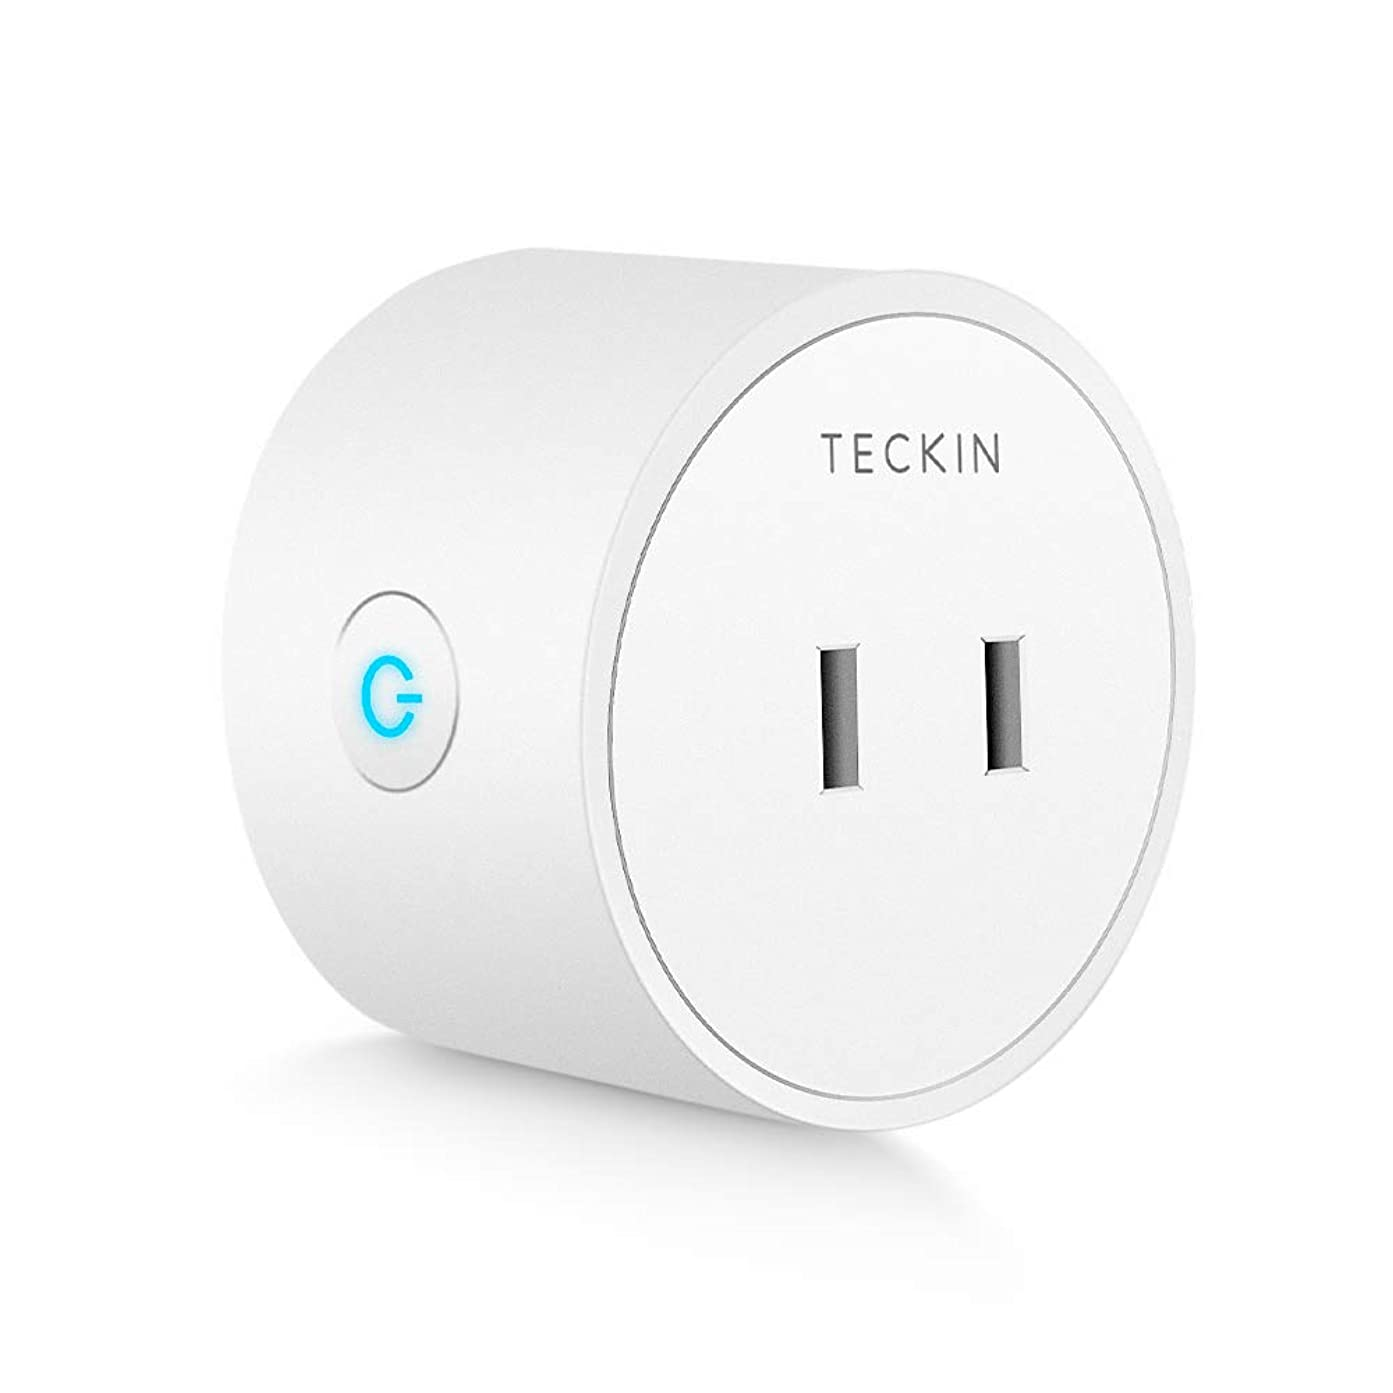 エーカー他のバンドでラショナルスマートプラグ WiFi スマートコンセント TECKIN Echo Alexa対応 Google ホーム対応 遠隔操作 スケジュール設定 2.4GHzで動作 直差しコンセント ハブが必要なし